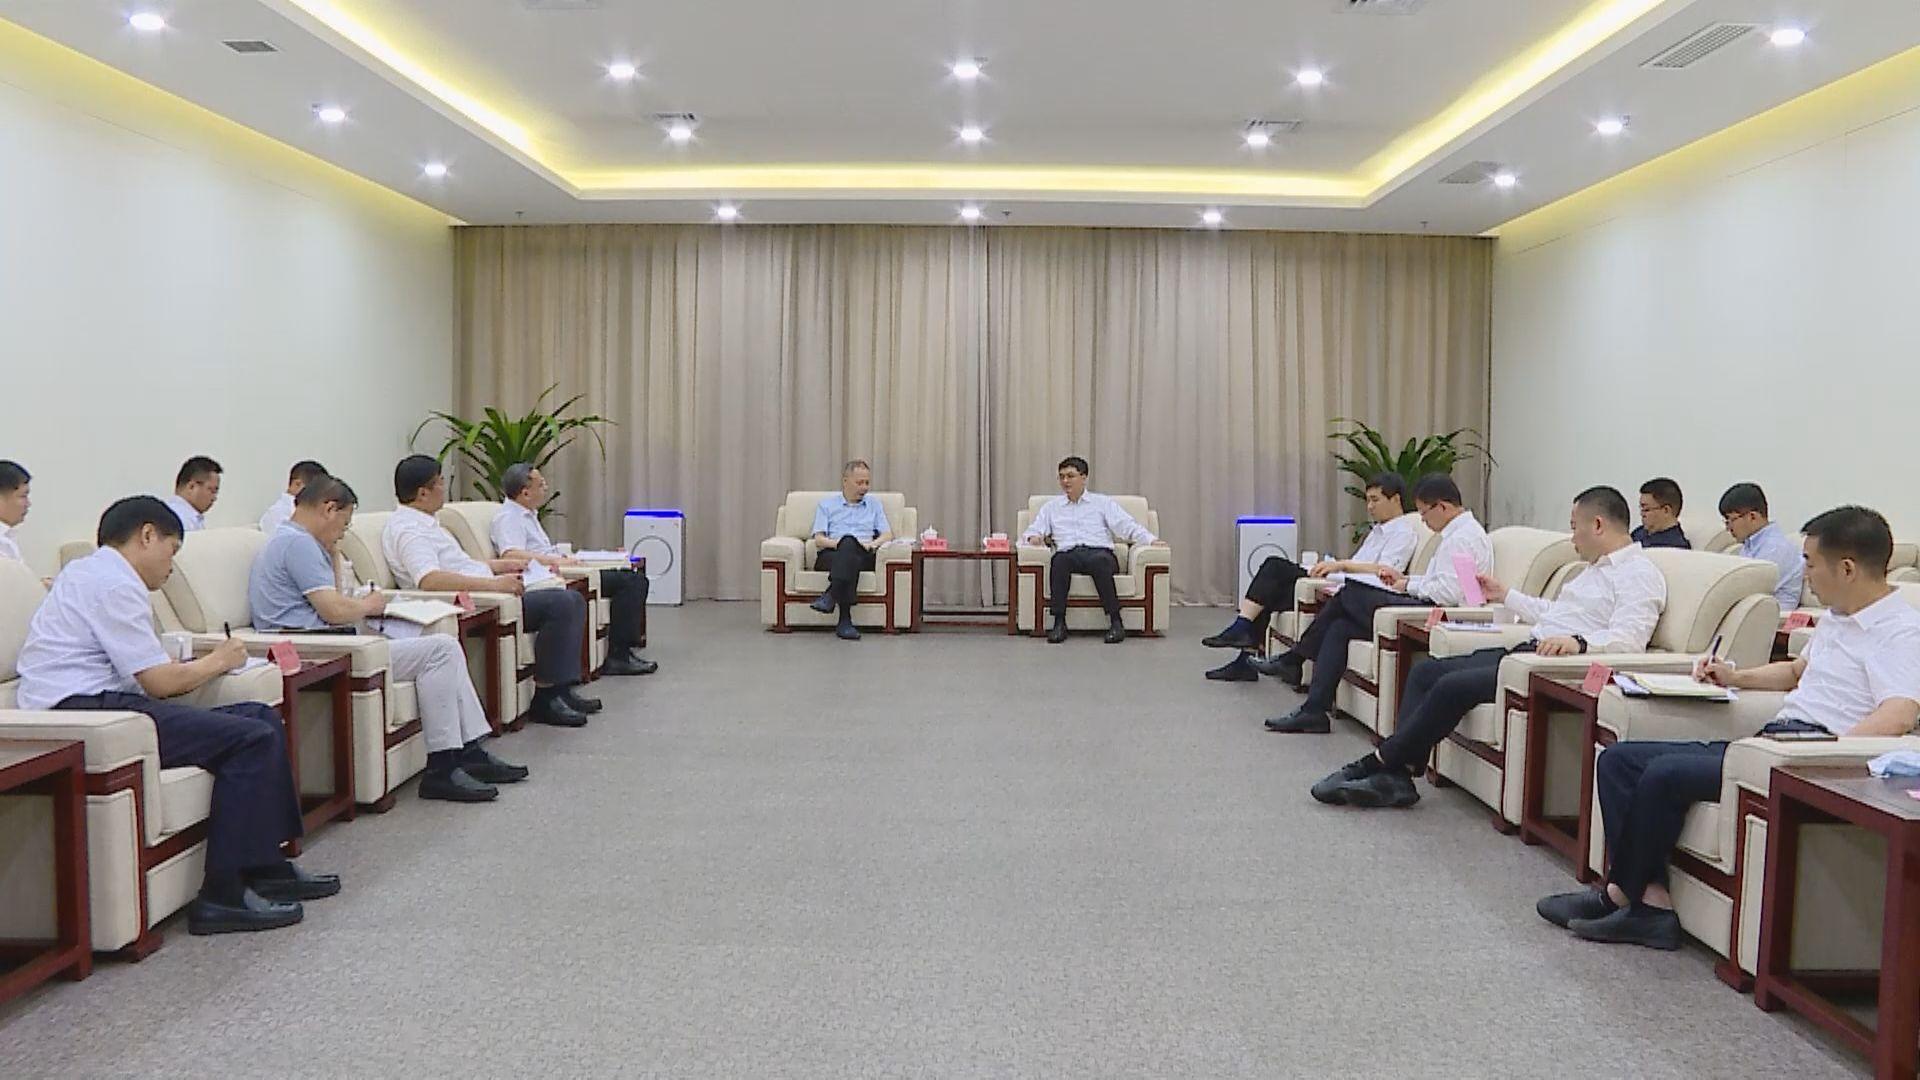 陈刚与中国铁建集团董事长陈奋健一行举行工作座谈